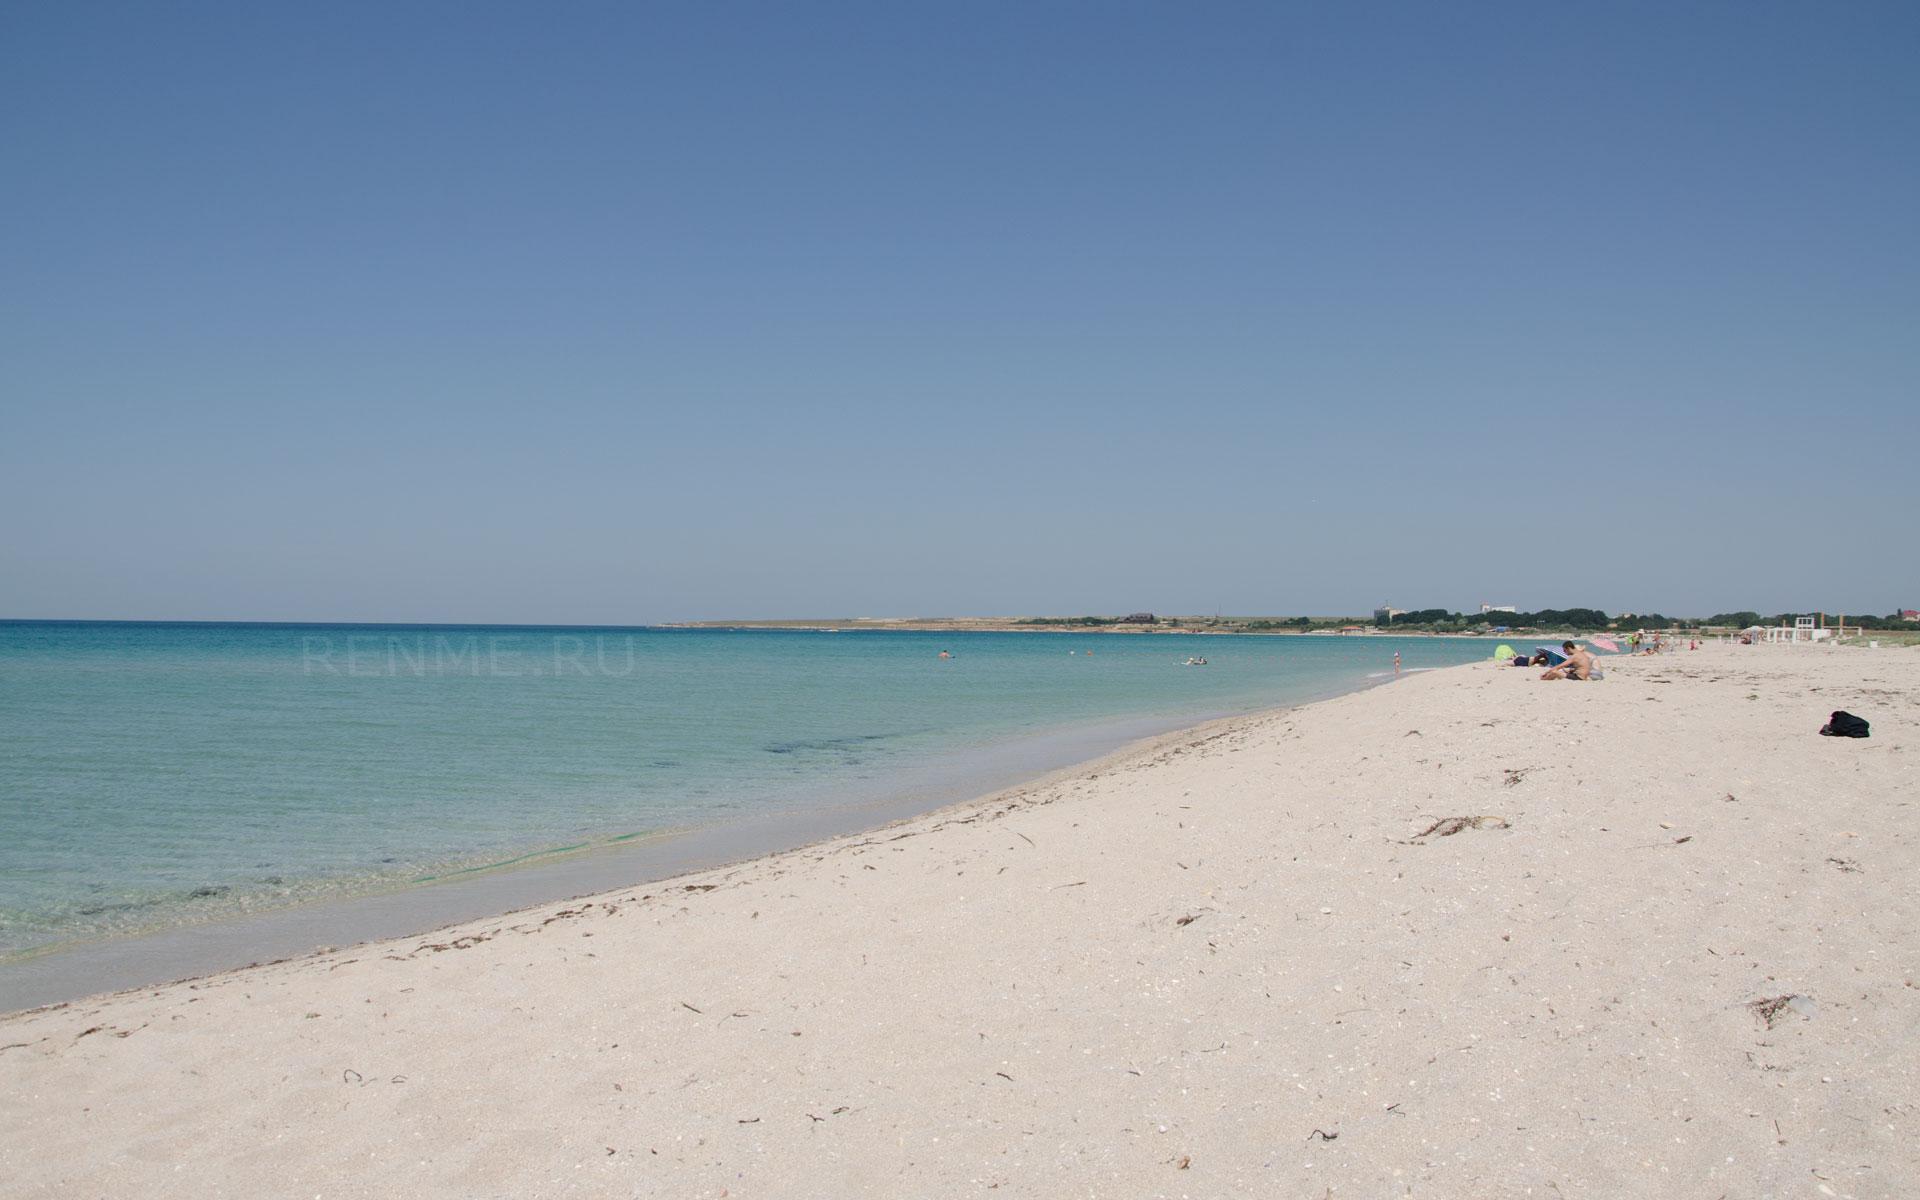 Дикий песчаный пляж в Оленевке. Фото Оленевки